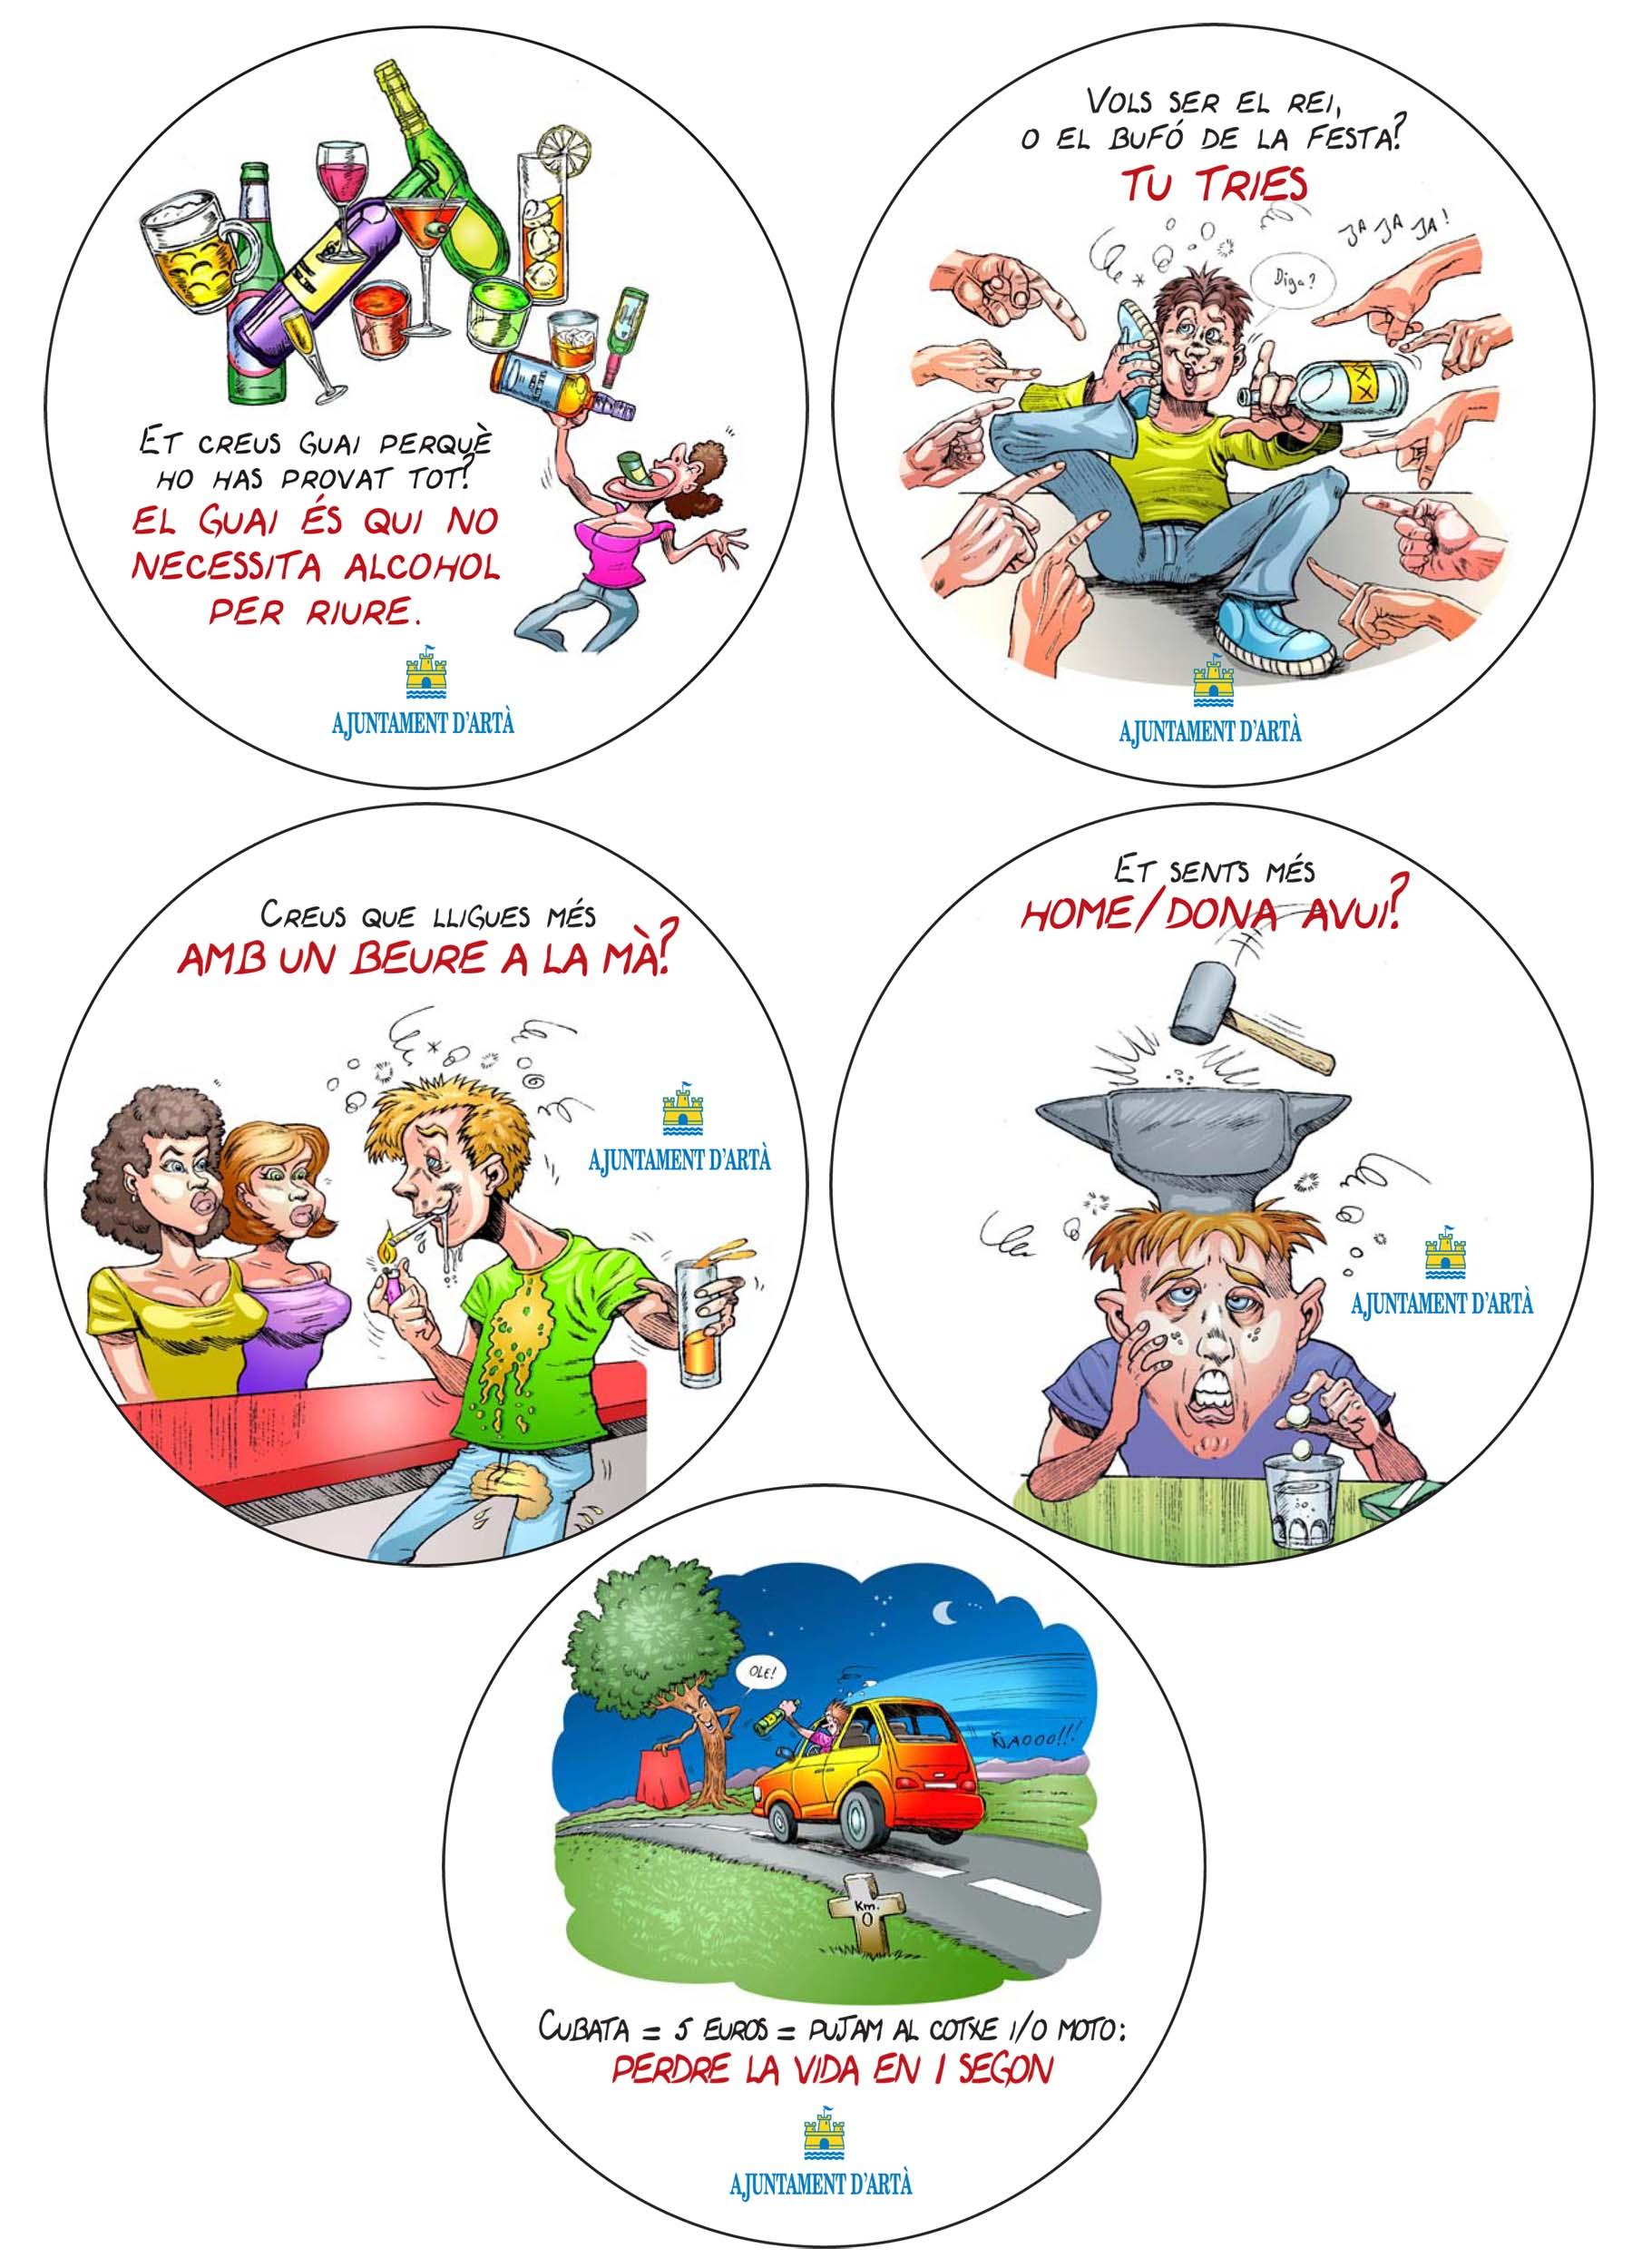 Anti Juvenile Alcohol Abuse Campaign- Ajuntament Arta